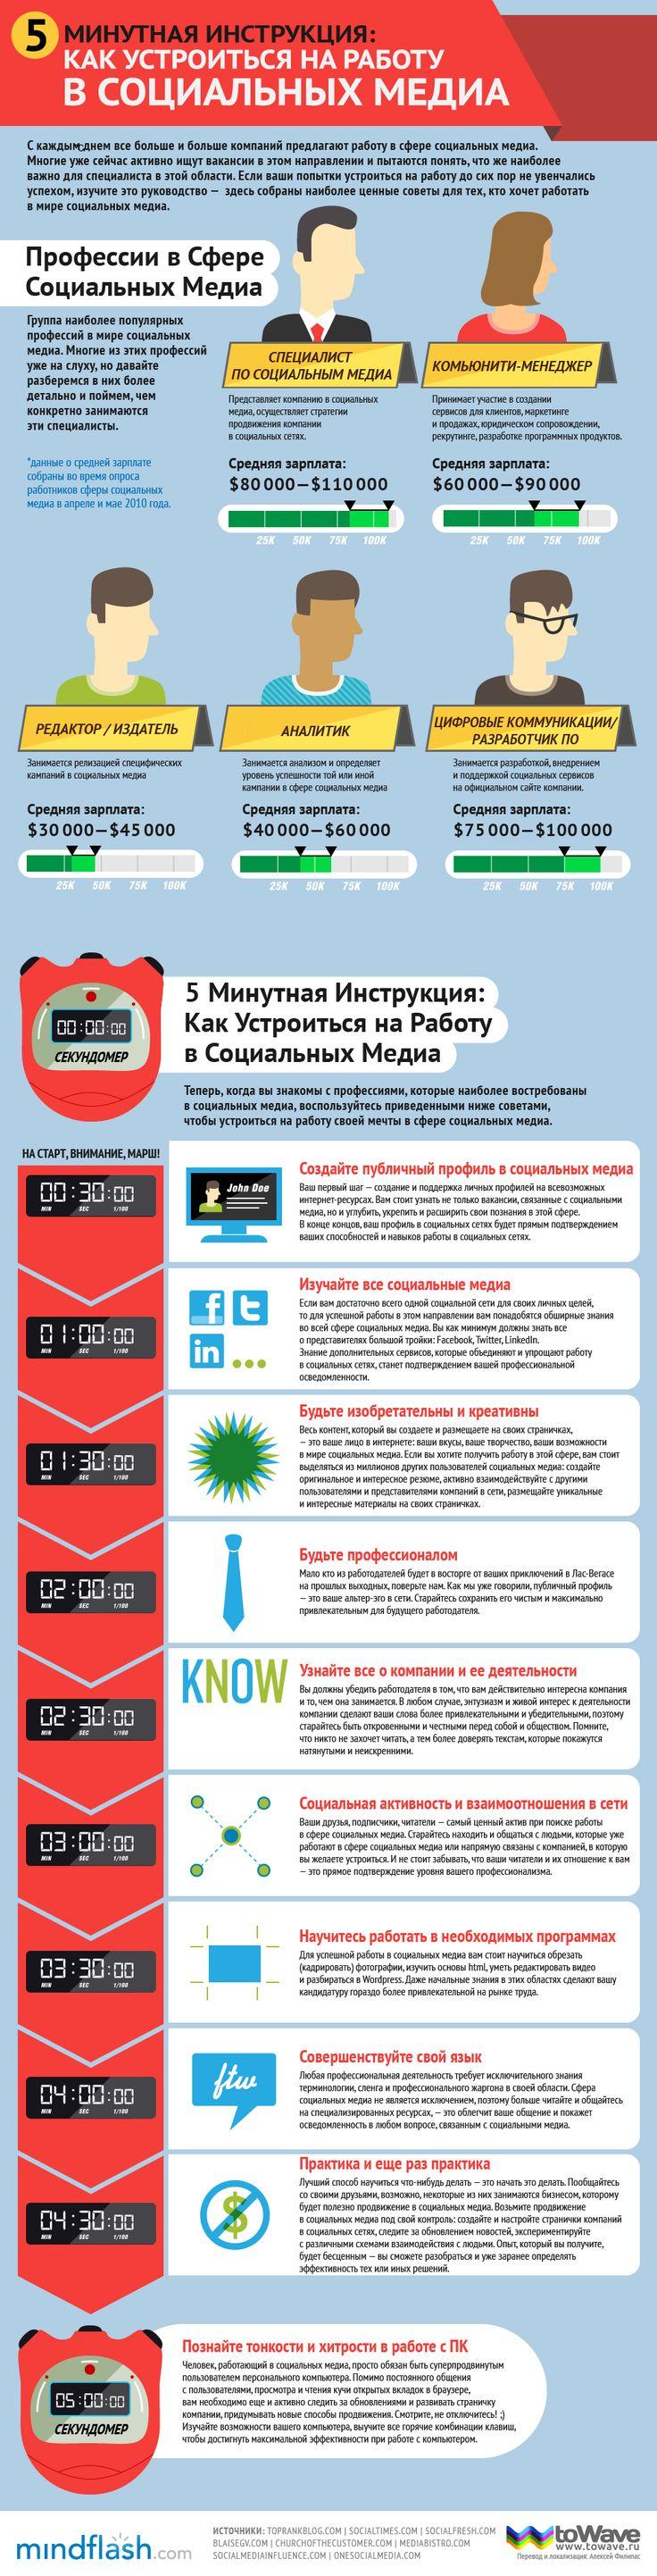 Инфографика: как устроиться на работу в социальных медиа